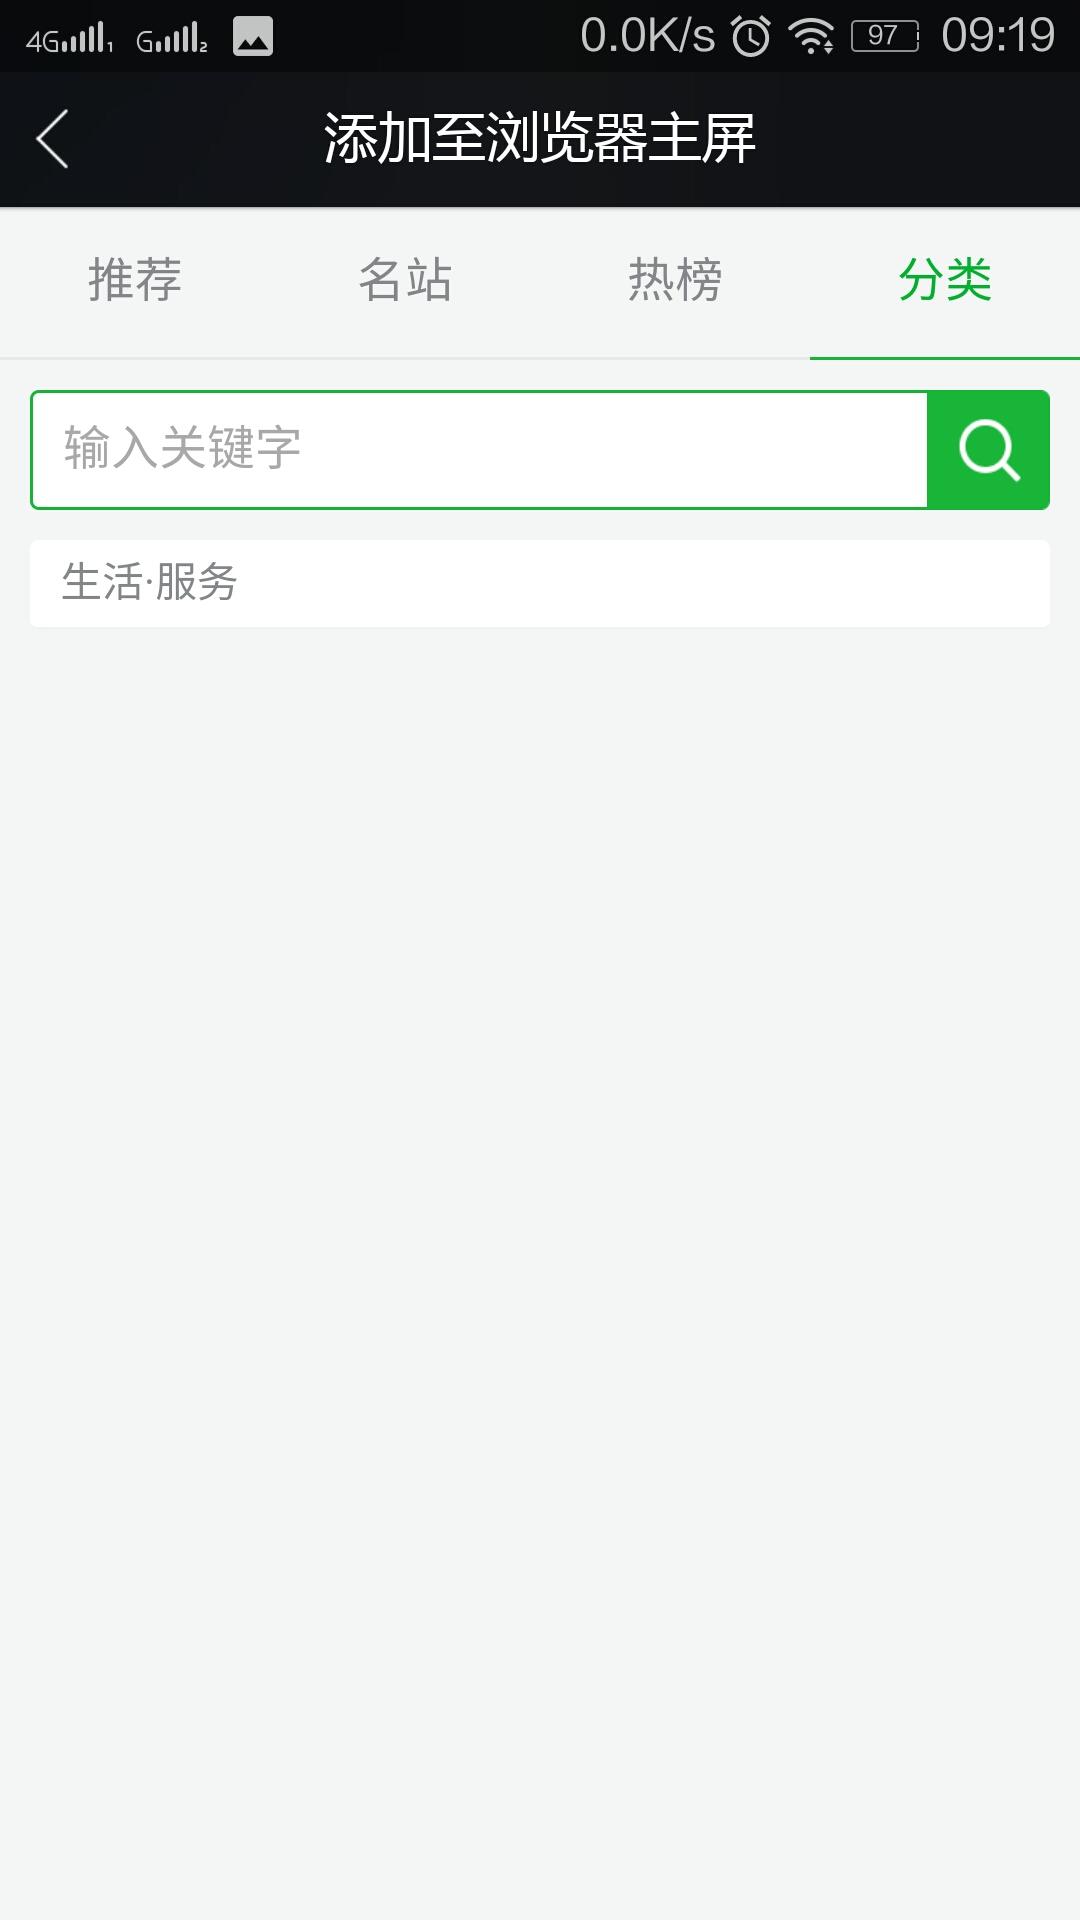 Screenshot_20160601-091952-858.jpg